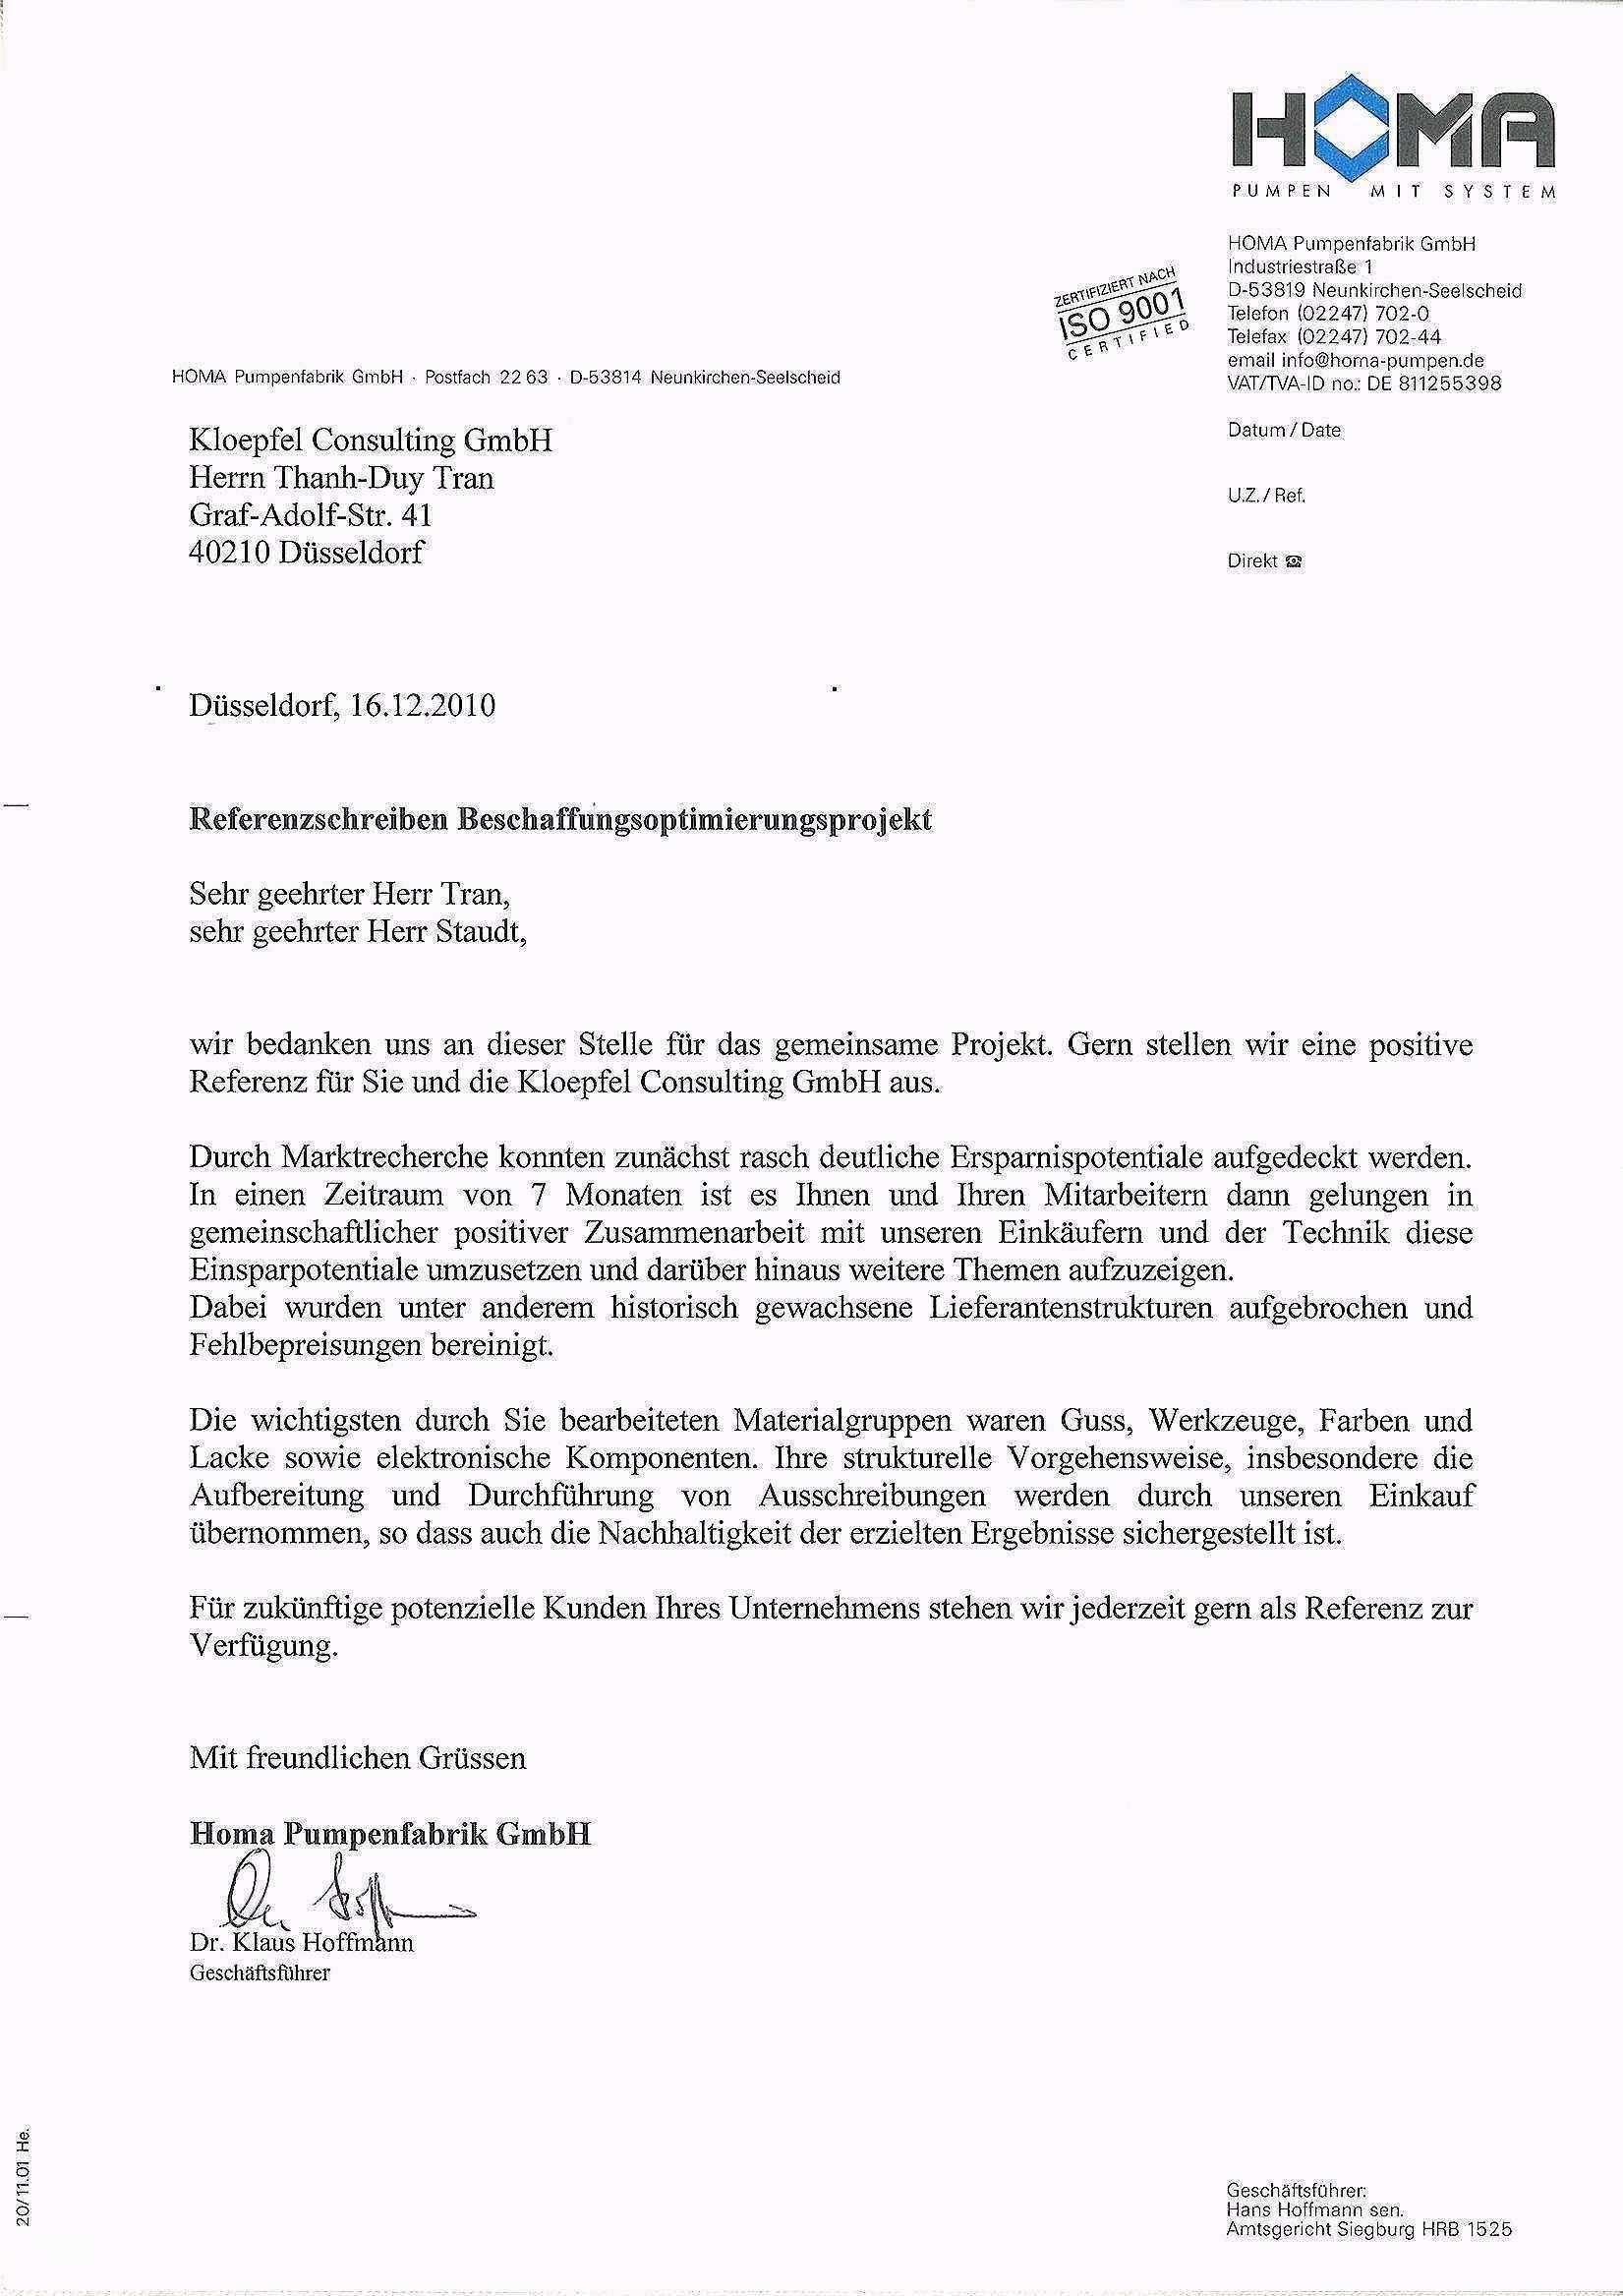 Referenzschreiben Vorlage Hubscher Kloepfel Consulting Gmbh Homa Referenzschreiben Referenzschreiben Vorlage